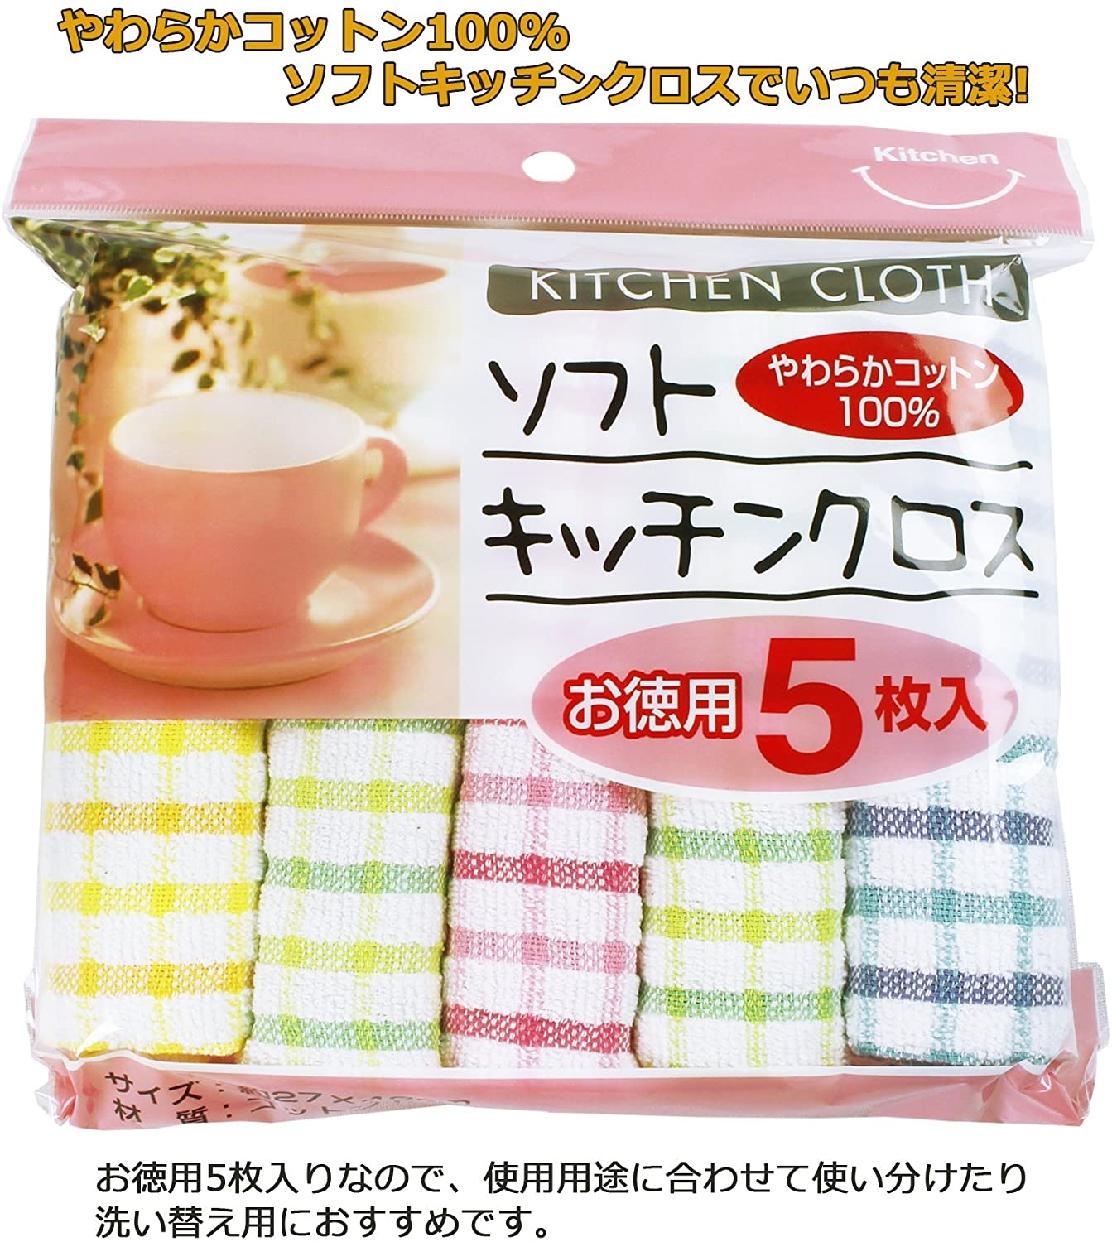 中村(ナカムラ)台ふきん ソフトキッチンクロス 5枚入り チェック柄の商品画像2